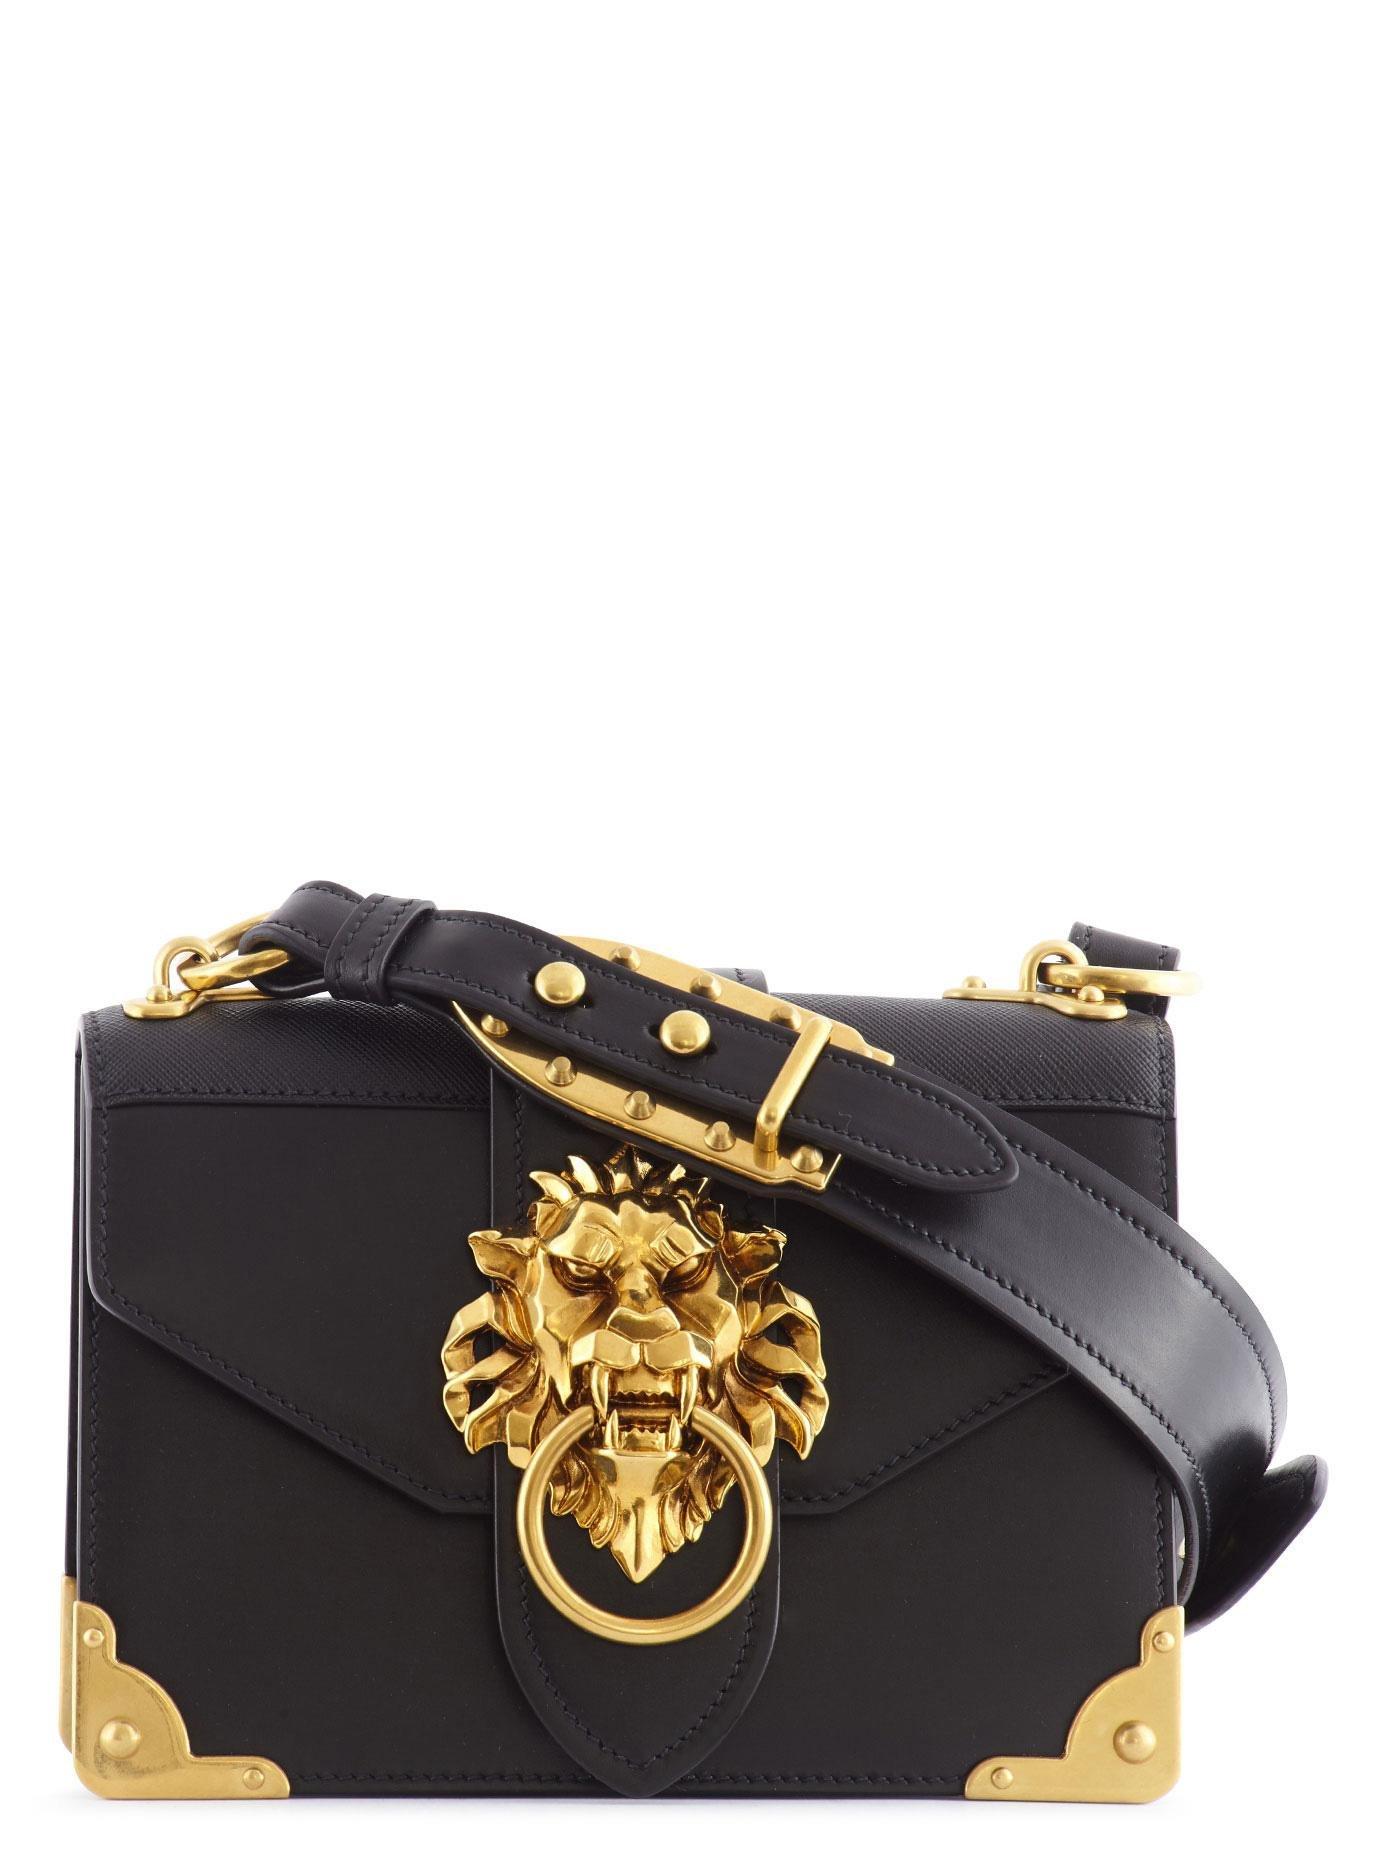 Louis Vuitton Denim Bag >> Lyst - Prada Cahier Lion Head Leather Bag in Black